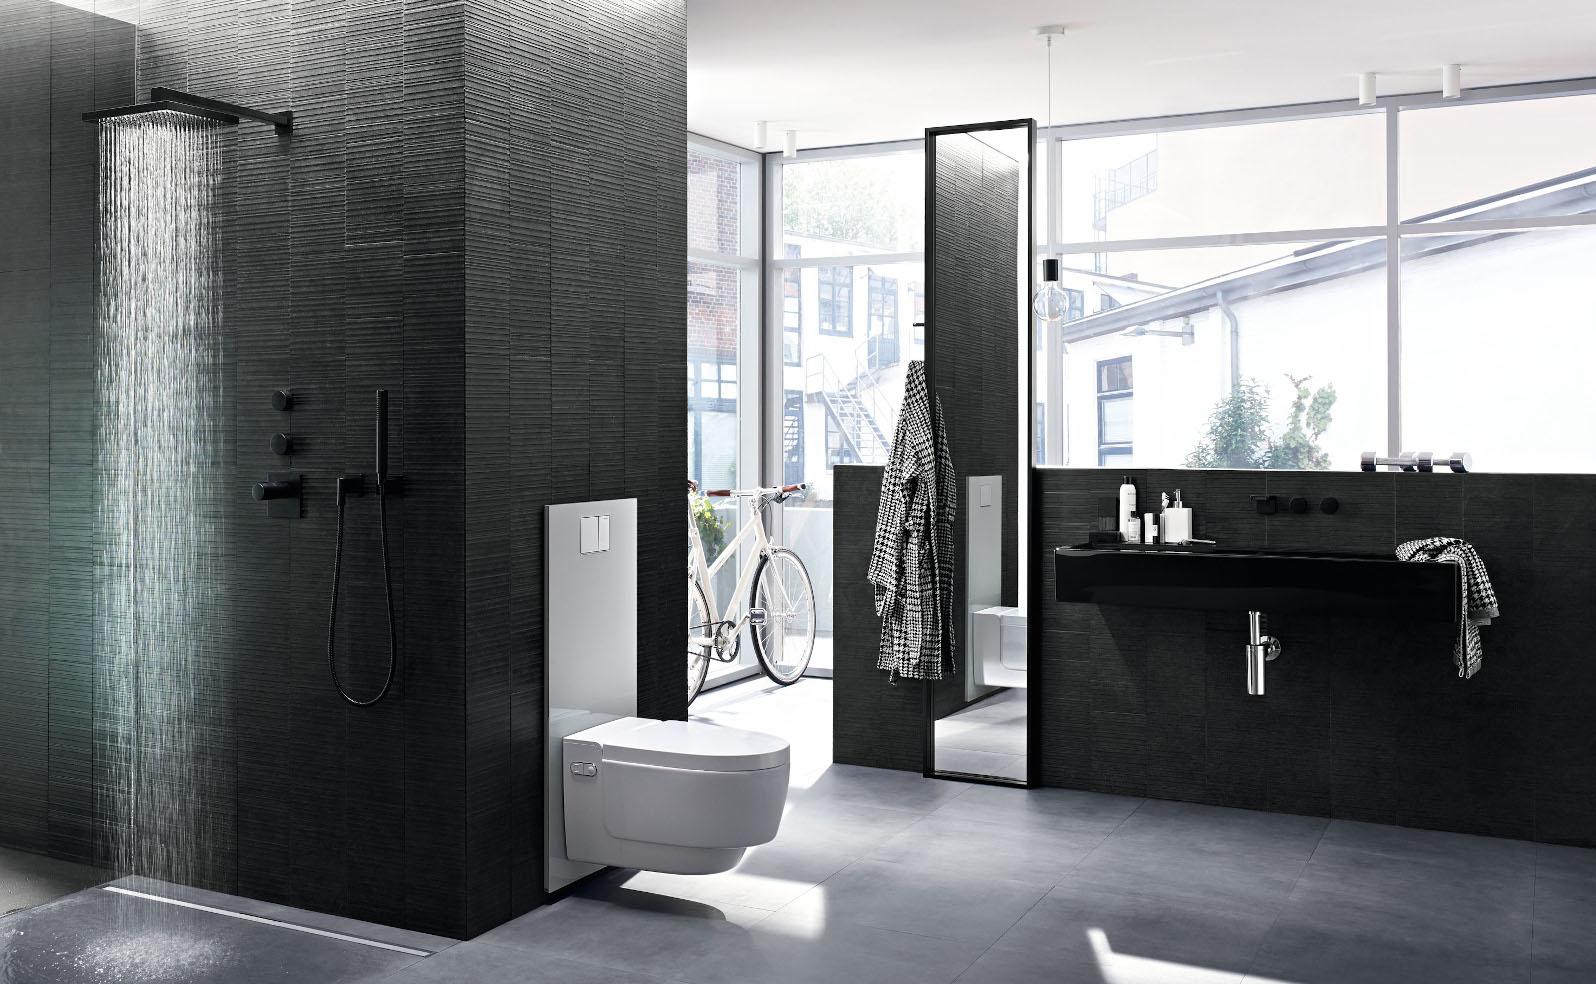 Bodengleiche Dusche Der neue Trend im Badezimmer – Badratgeber.com